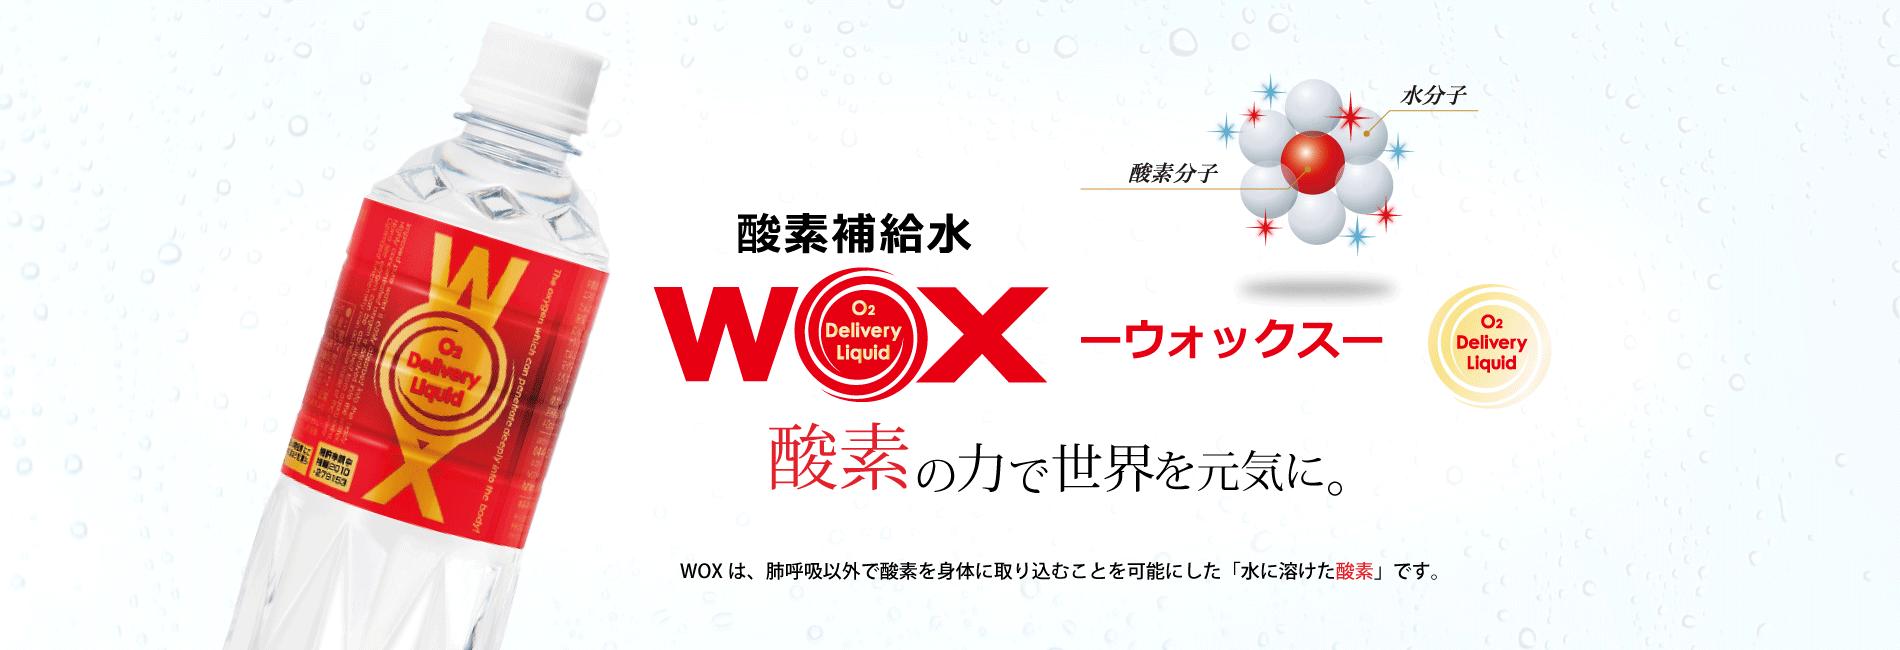 高濃度酸素リキッドWOX-ウォックス- 酸素の力で世界を元気に。WOXは、肺呼吸以外で酸素を身体に取り込むことを可能にした「水に溶けた酸素」です。